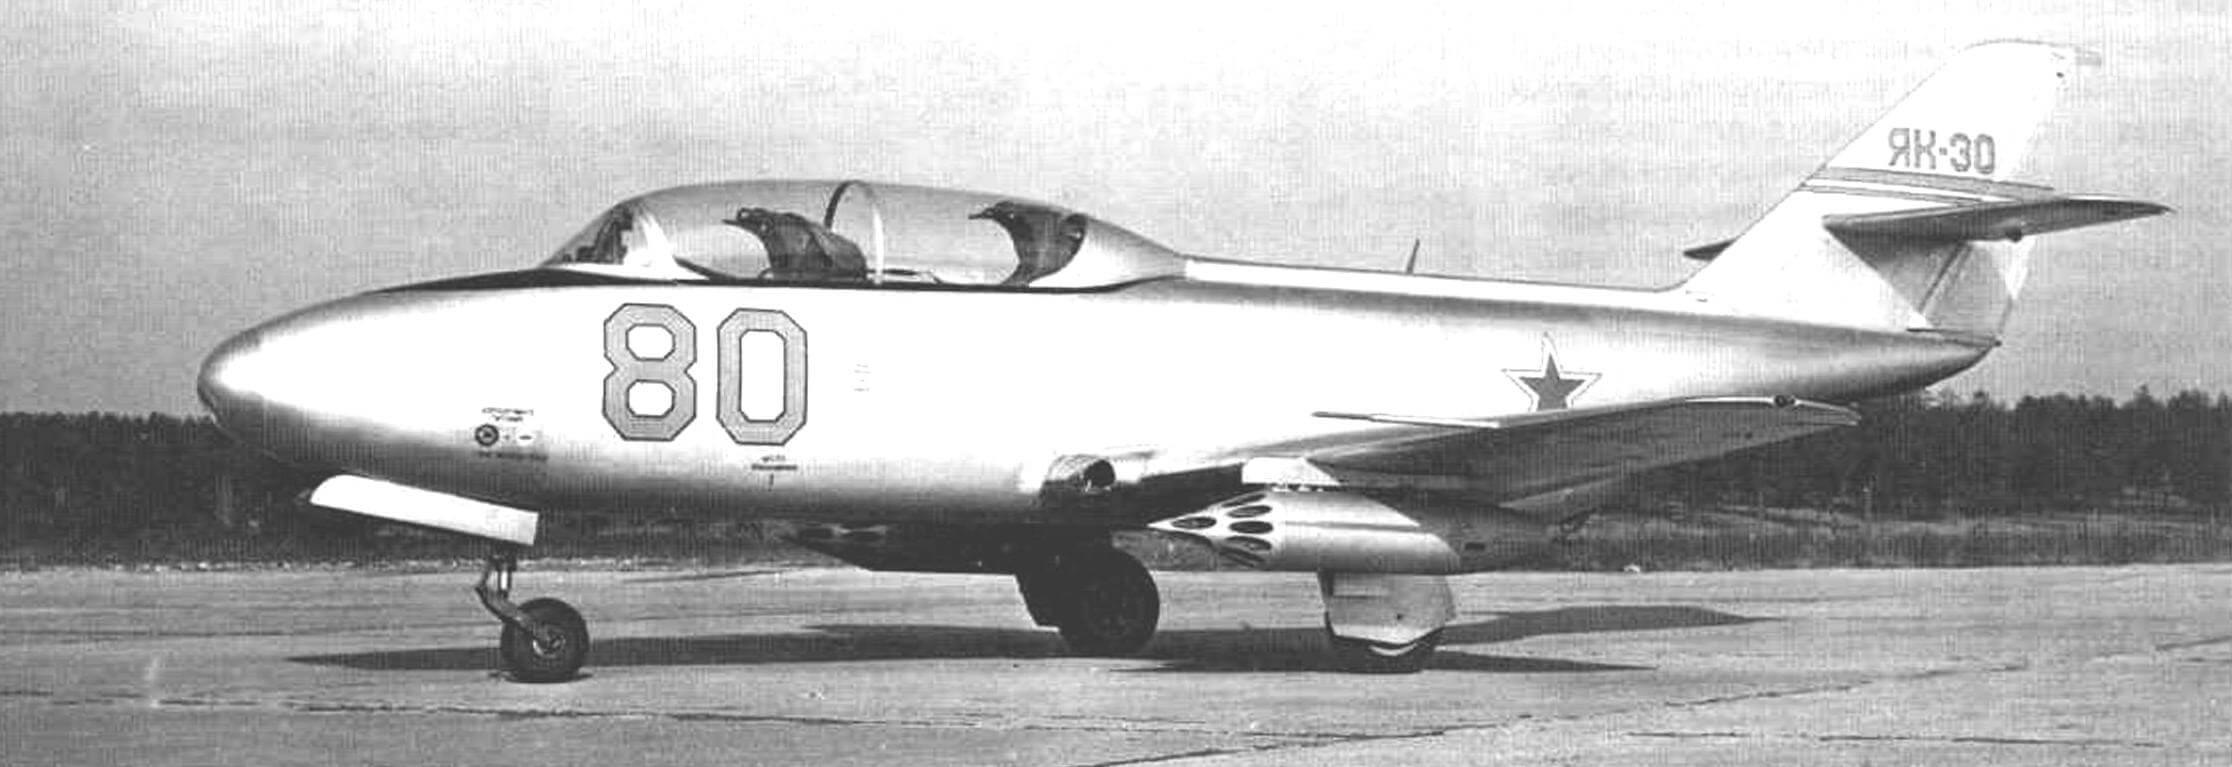 Третий летный экземпляр Як-30 с блоками УБ-16 для реактивных снарядов